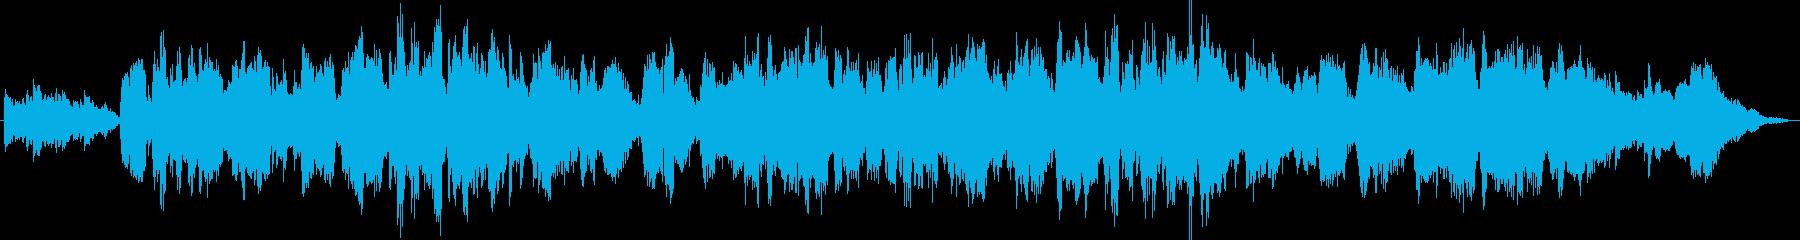 フルート&アコギ優しくて切ないヒーリングの再生済みの波形